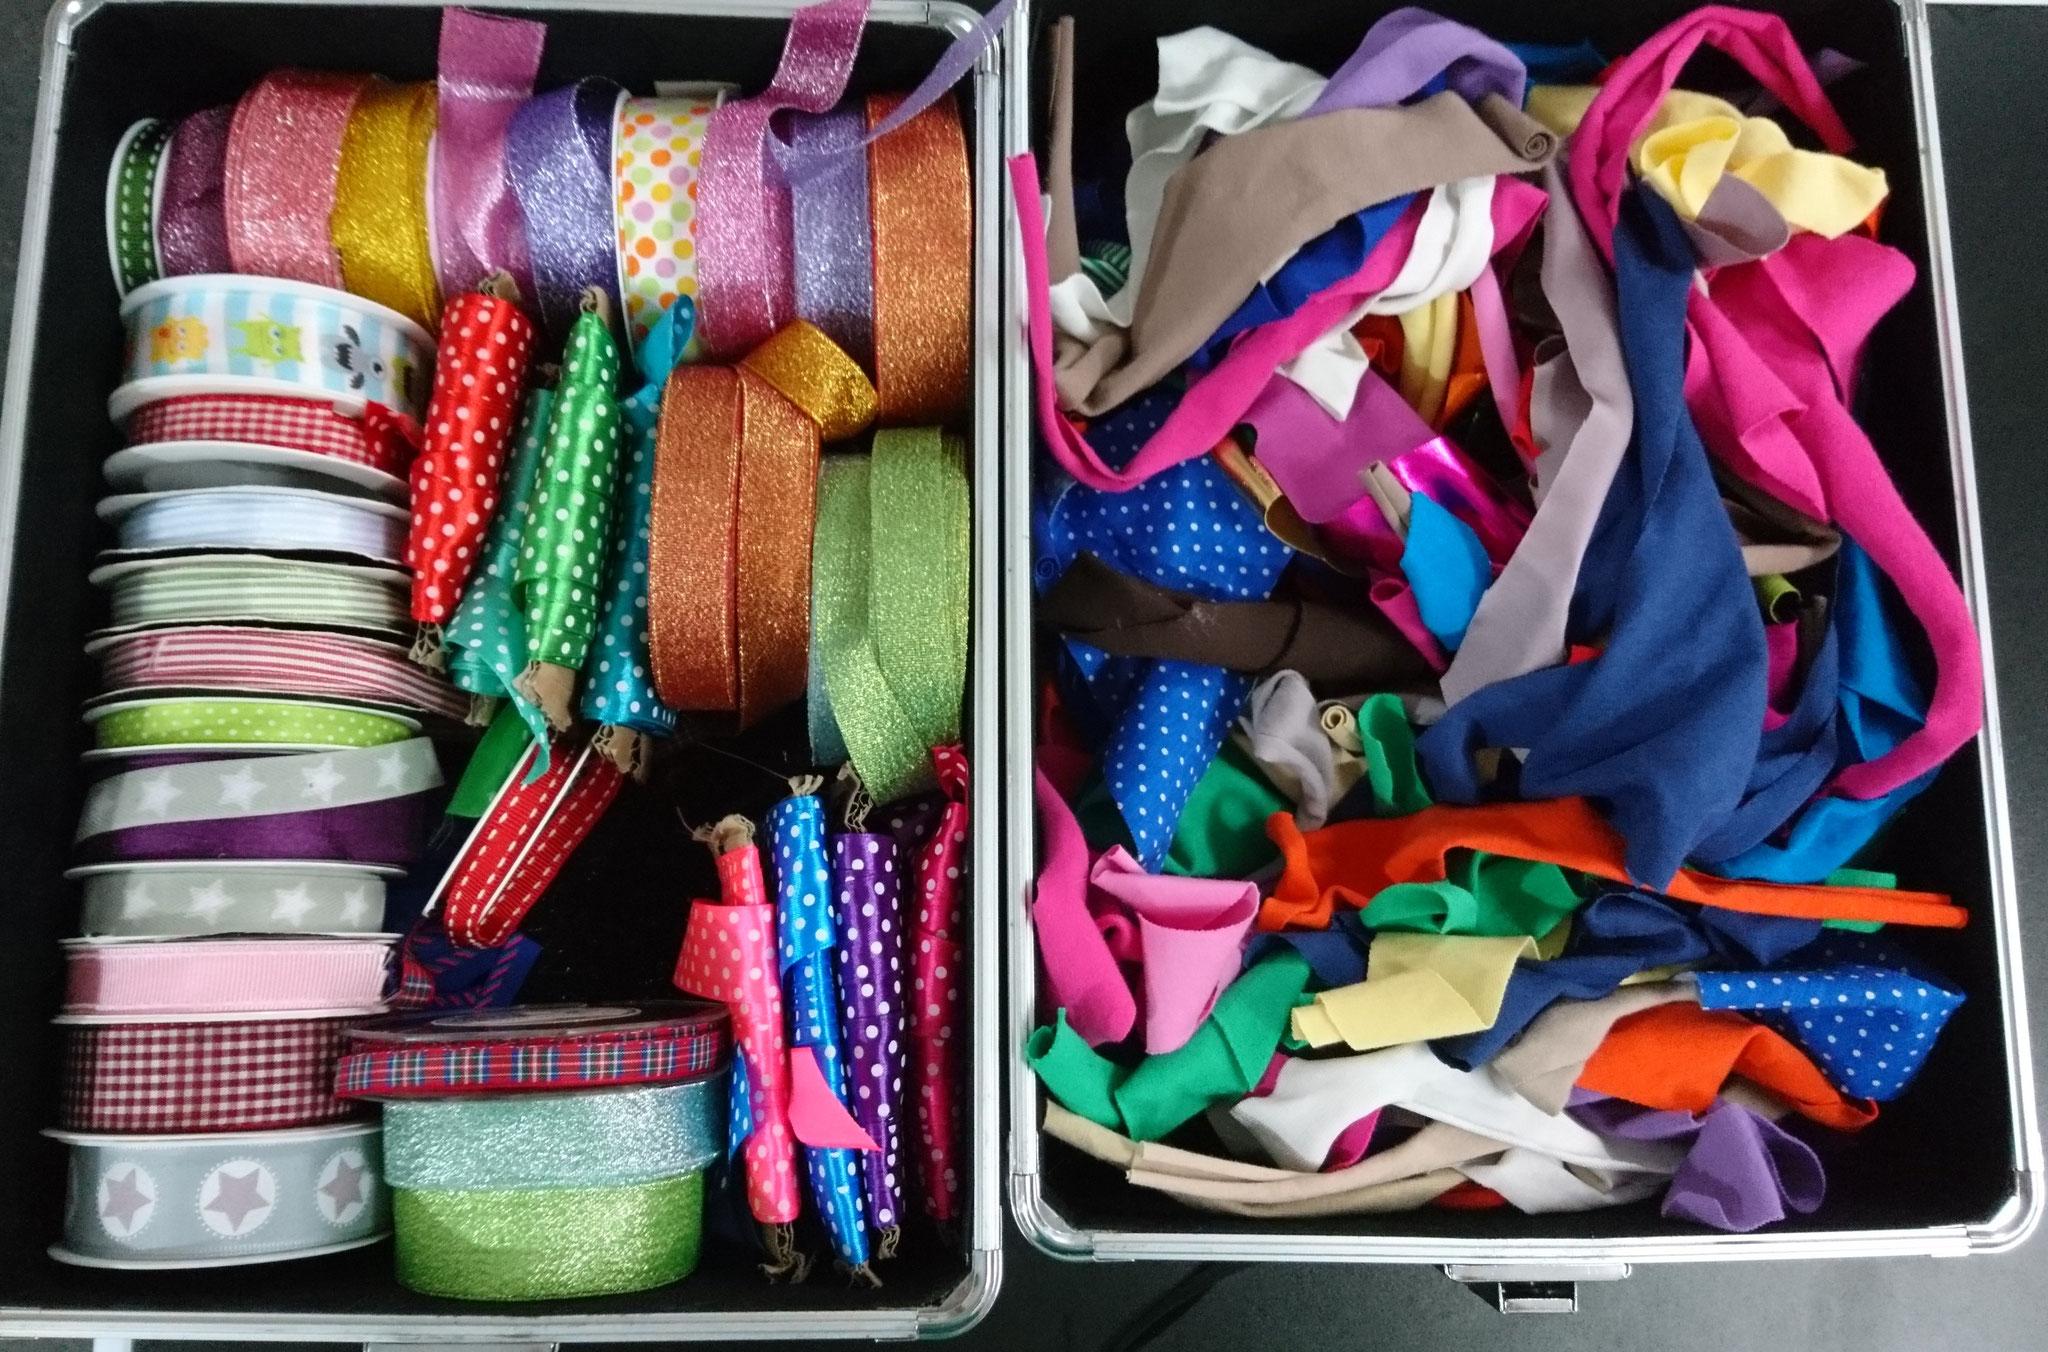 jedes Kuscheltier darf man hübsch machen mit einer Schleife oder Halstuch, in einer großen Auswahl steht es zur Verfügung. Die Halstücher werden von Hand zugeschnitten.